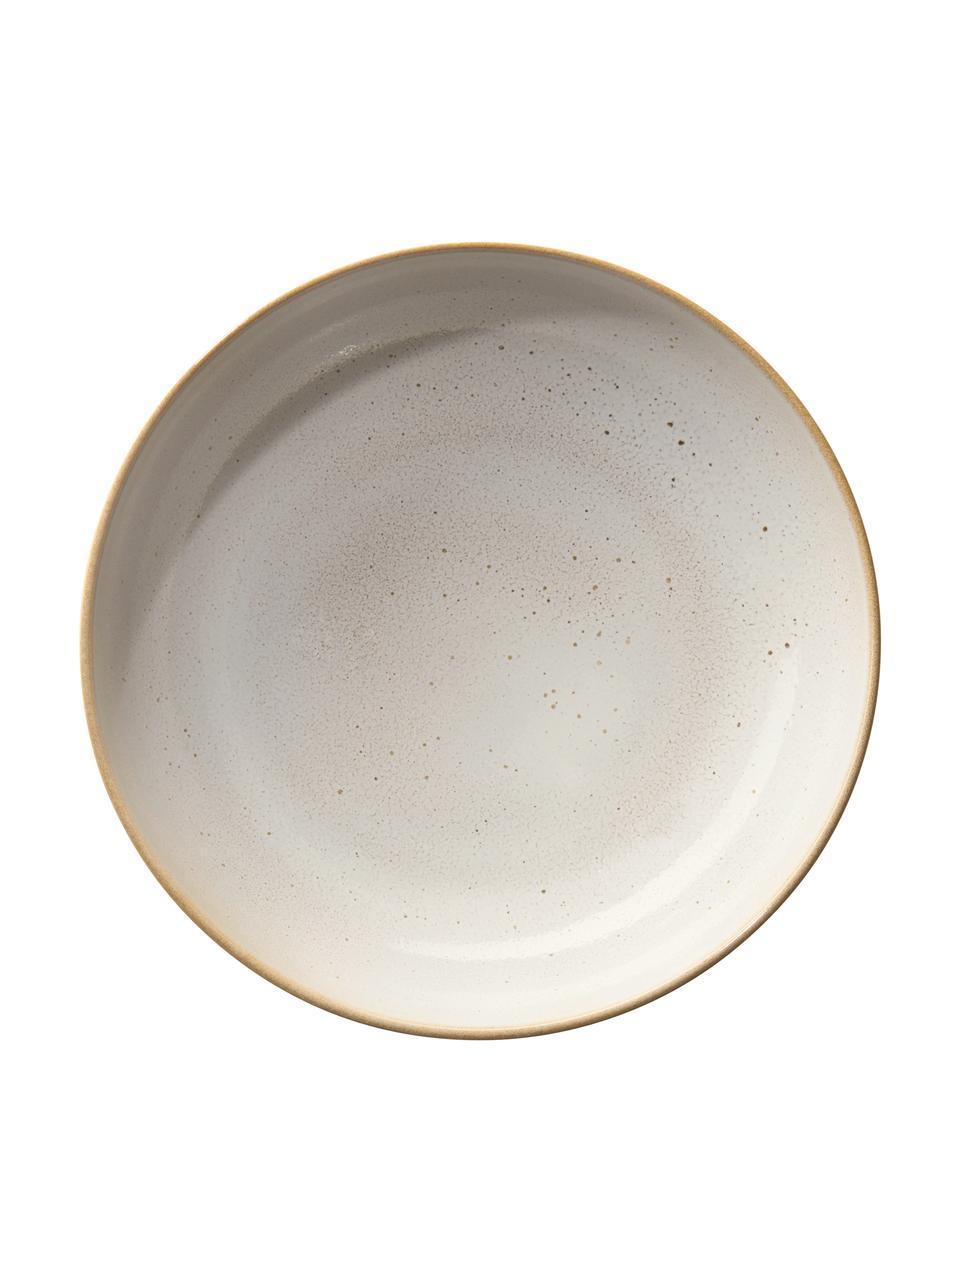 Bol rustique beige Saisons, Ø15cm, 6pièces, Beige